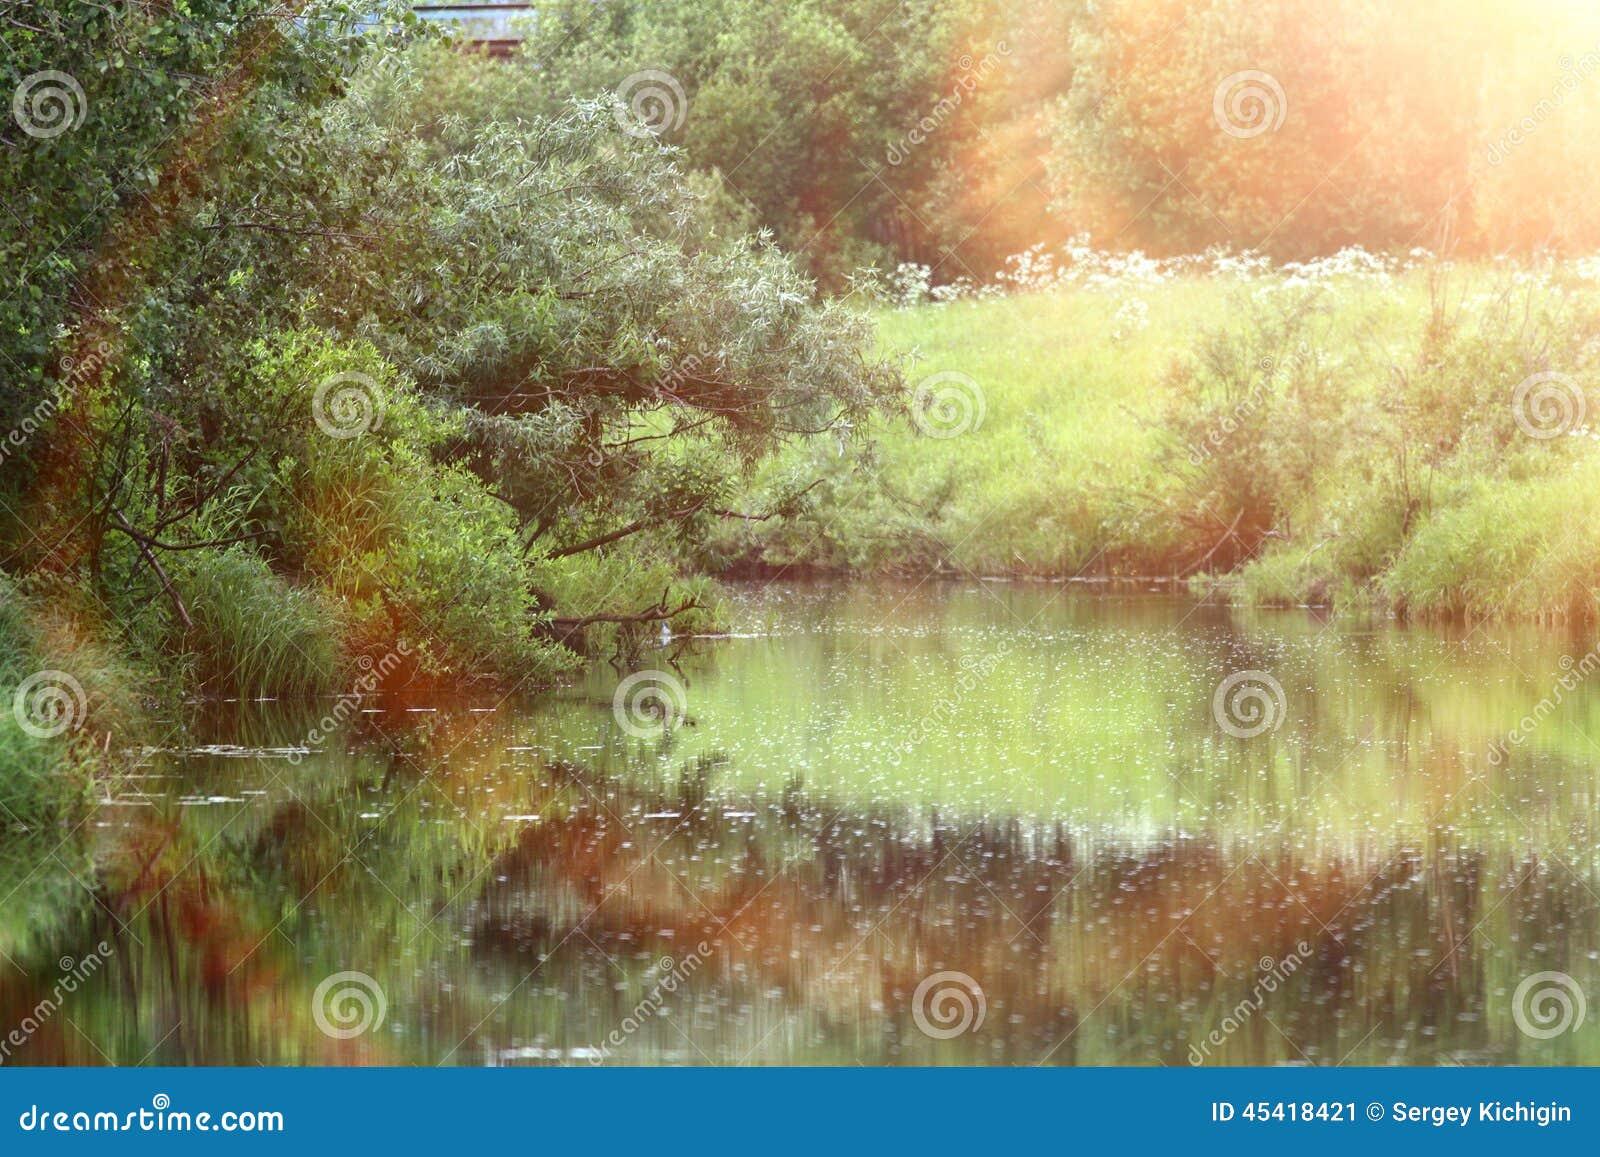 Foresta sulle banche del fiume